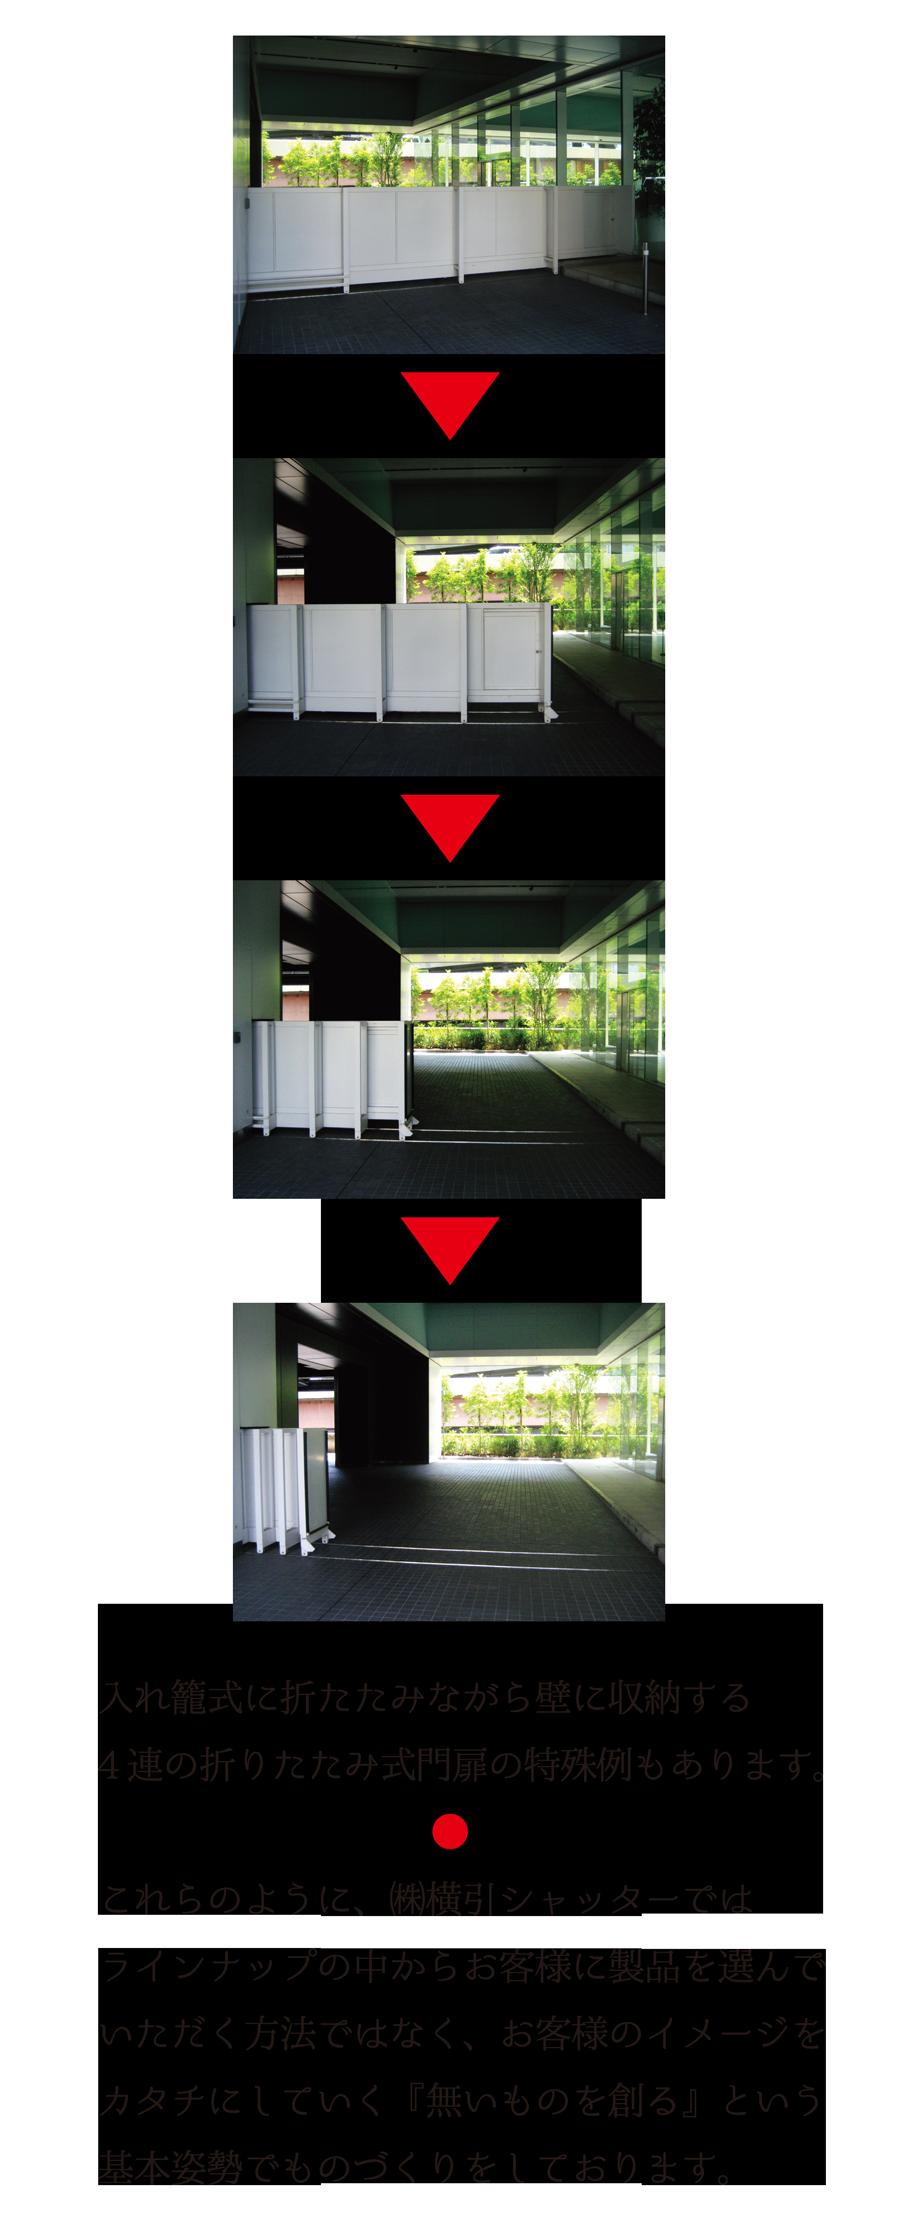 入れ籠式に折りたたみながら壁に収納する4連の折りたたみ式門扉の特殊例もあります。 これらのように、株式会社横引シャッターでは、ラインナップの中からお客様に製品を選んでいただく方法ではなく、お客様のイメージをカタチにしていく「無いものを創る」という基本姿勢でものづくりをしております。